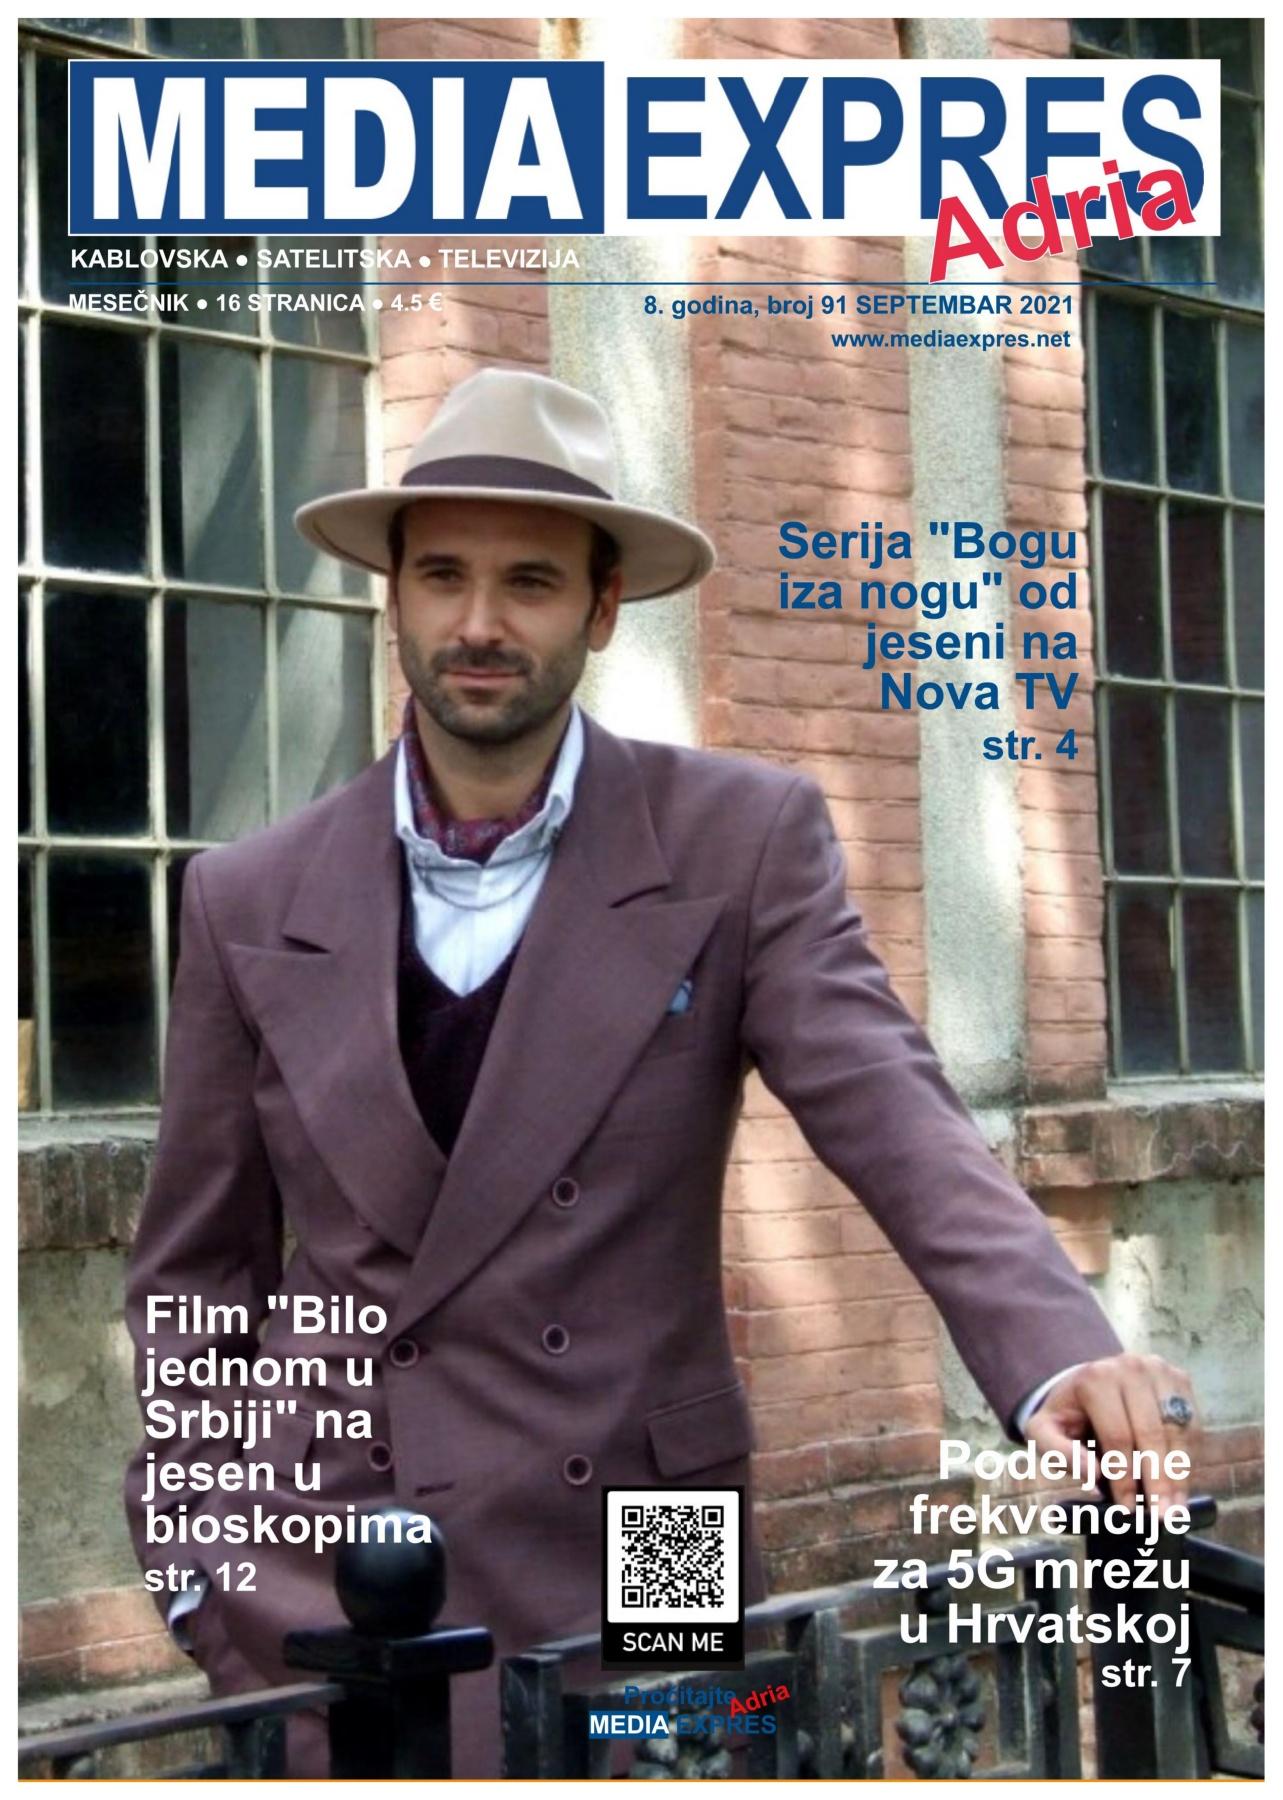 Media Expres Adria No 9 SEPTEMBAR 2021 1st Cover